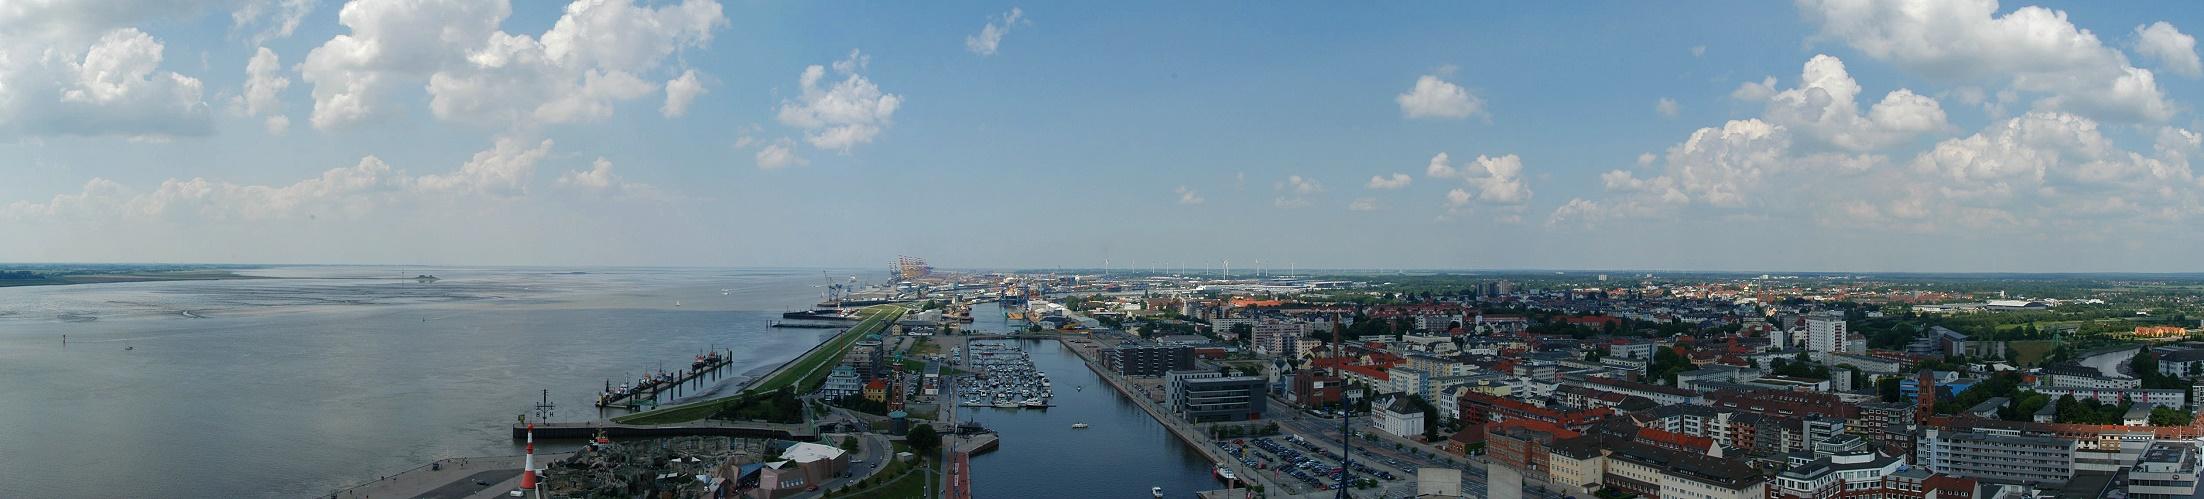 Pano-Bremerhaven-1